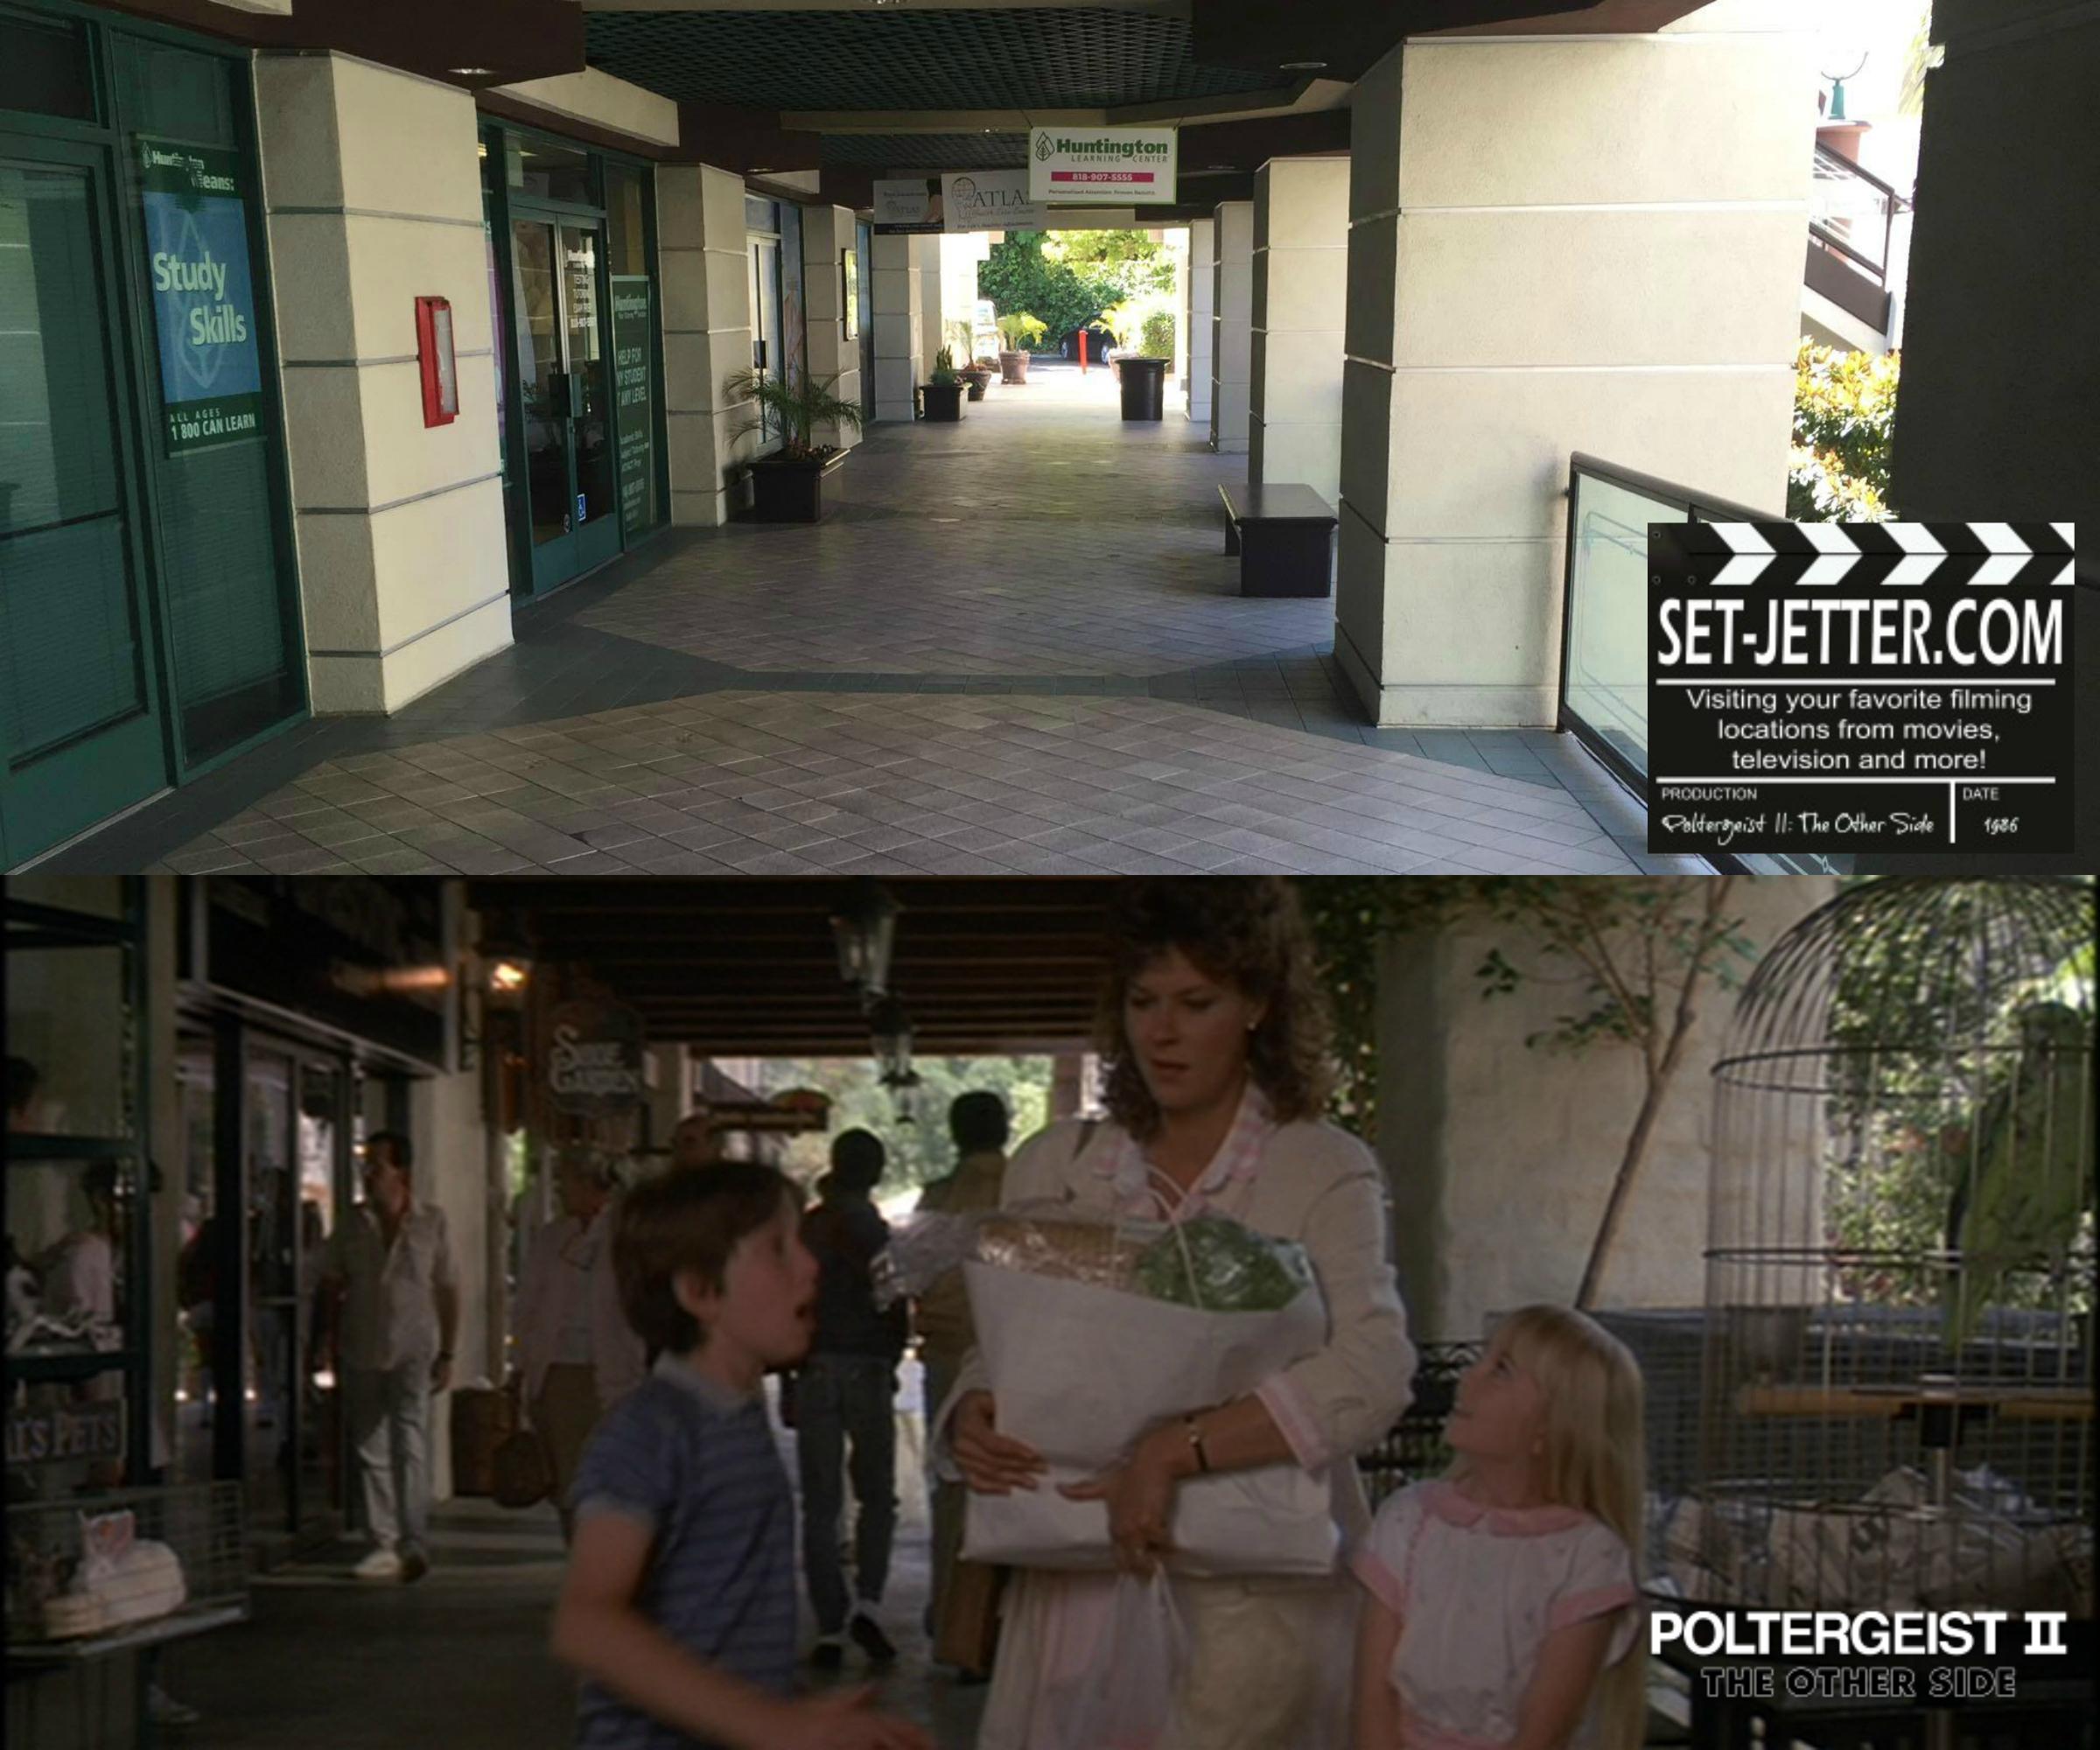 Poltergeist II mall 01.jpg